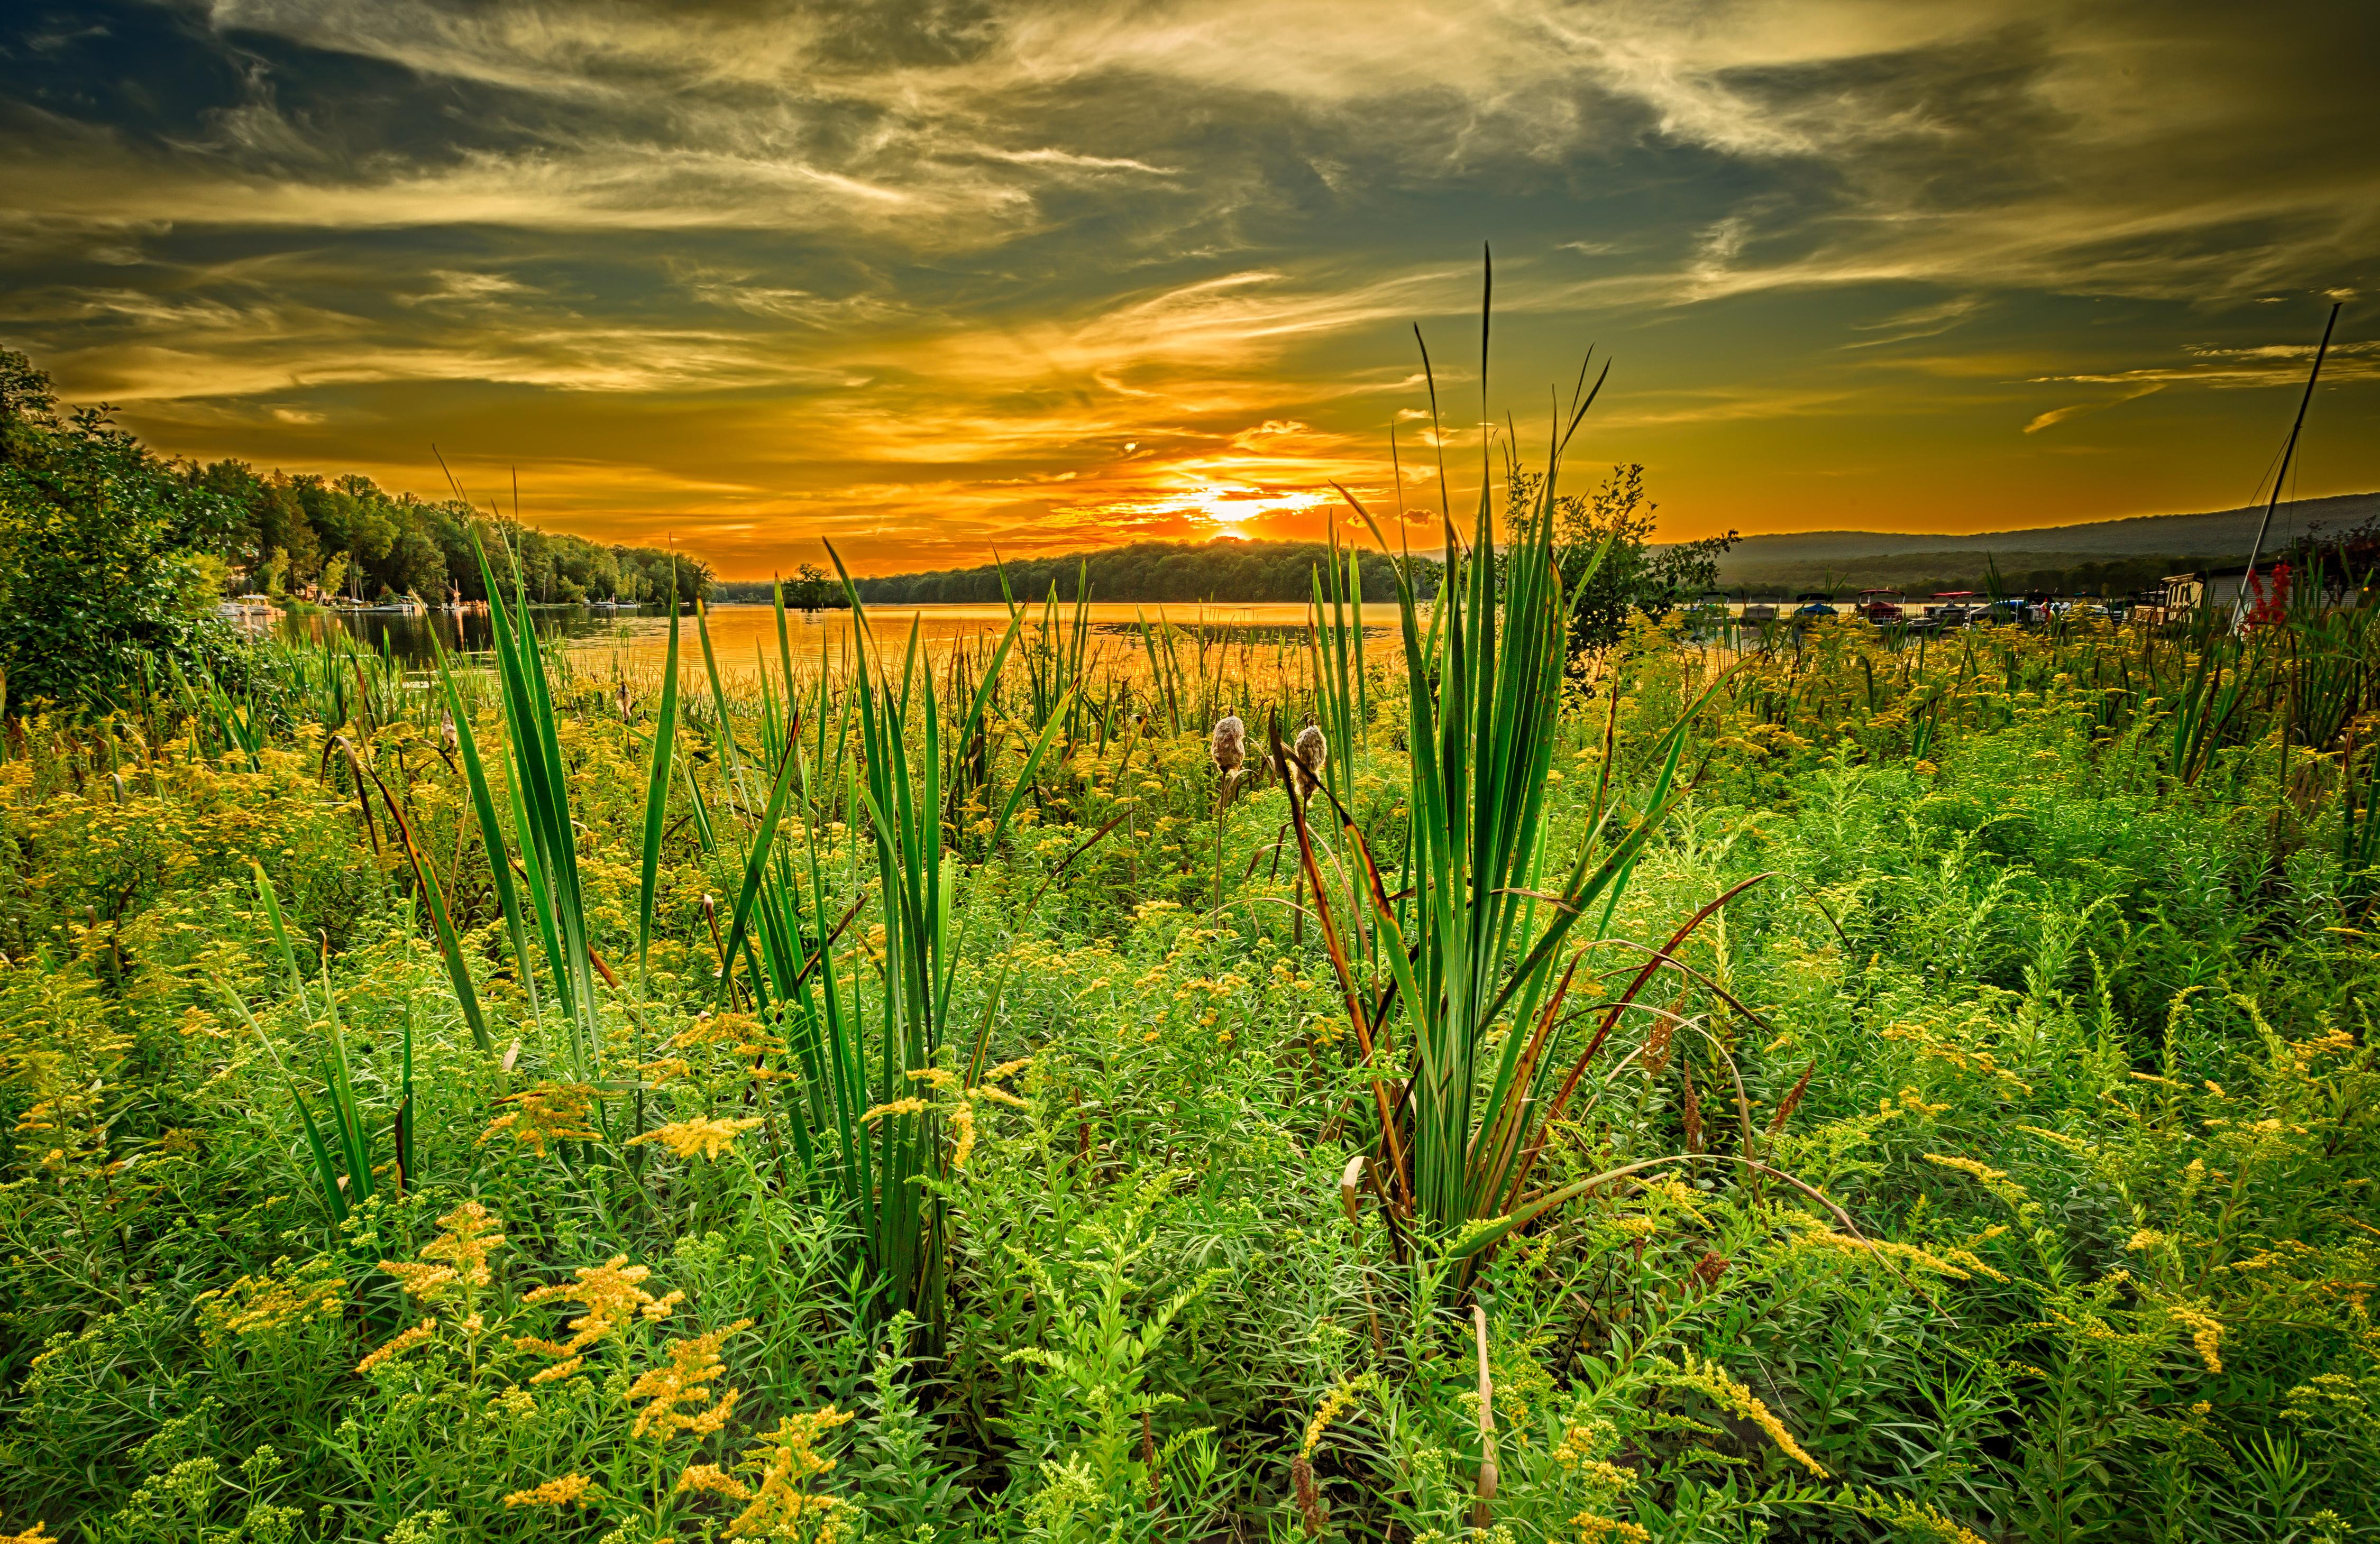 закат озеро небо трава  № 3878857 загрузить